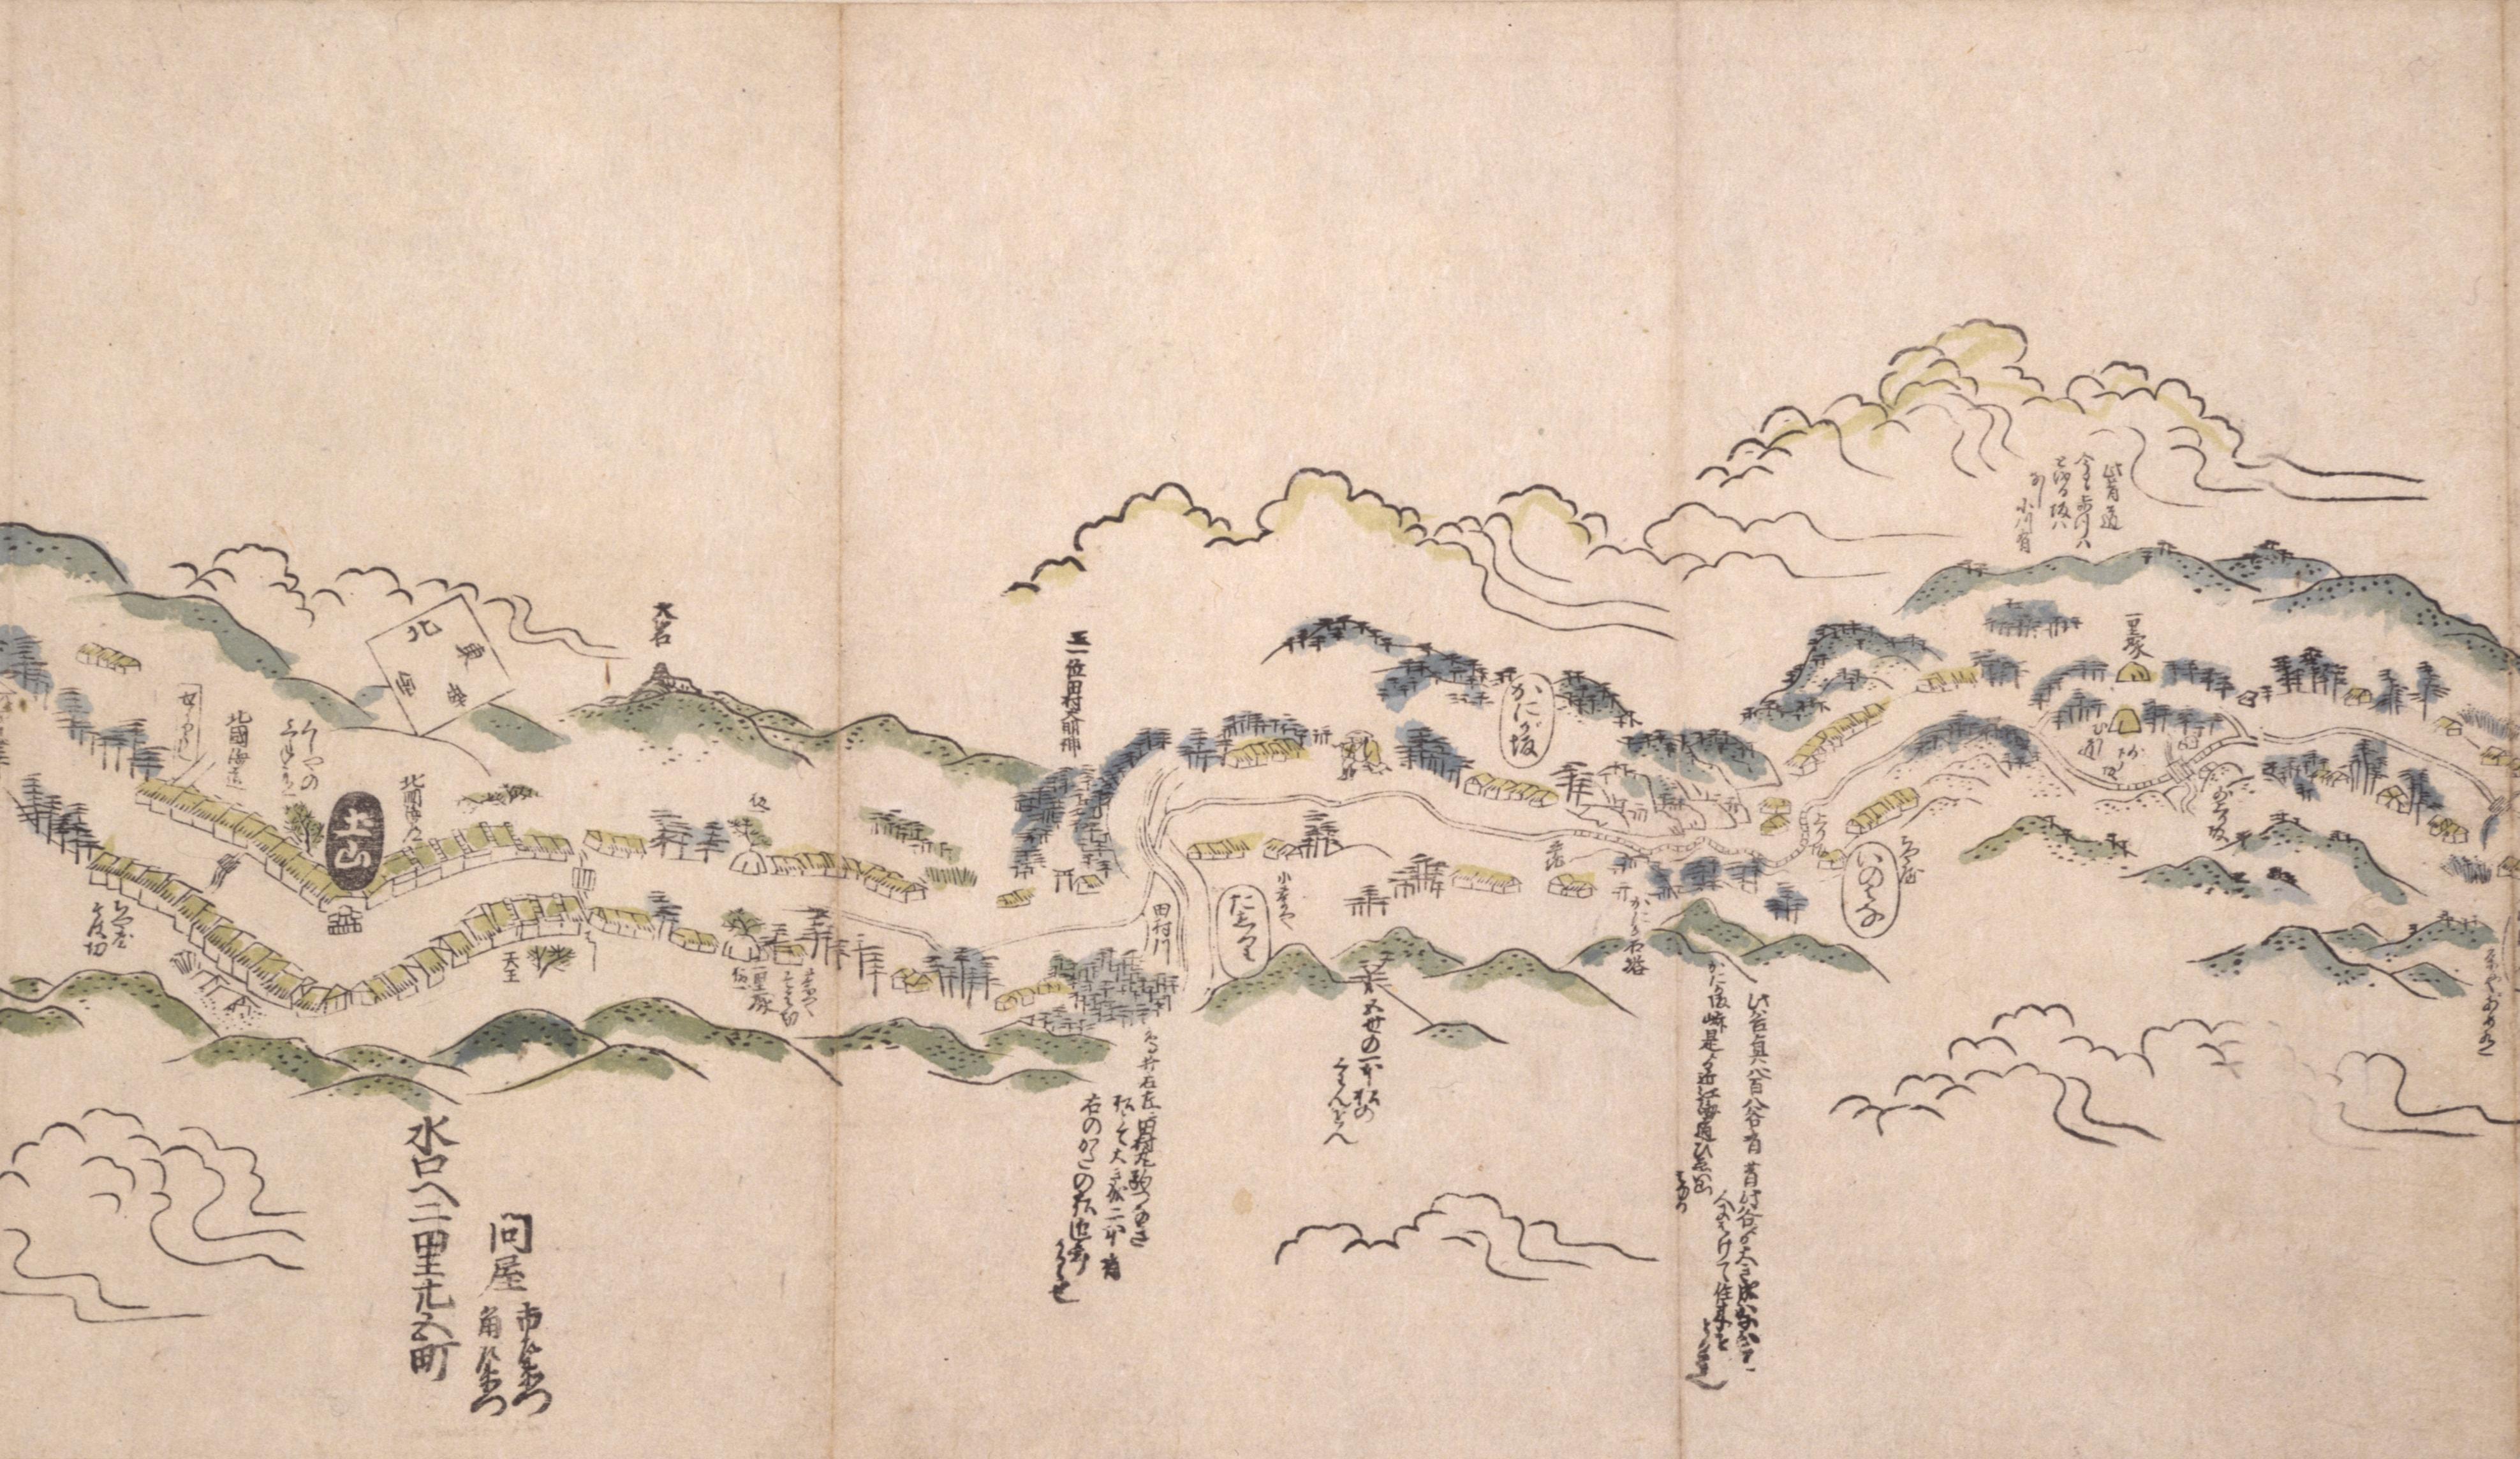 東海道分間之図 七十一